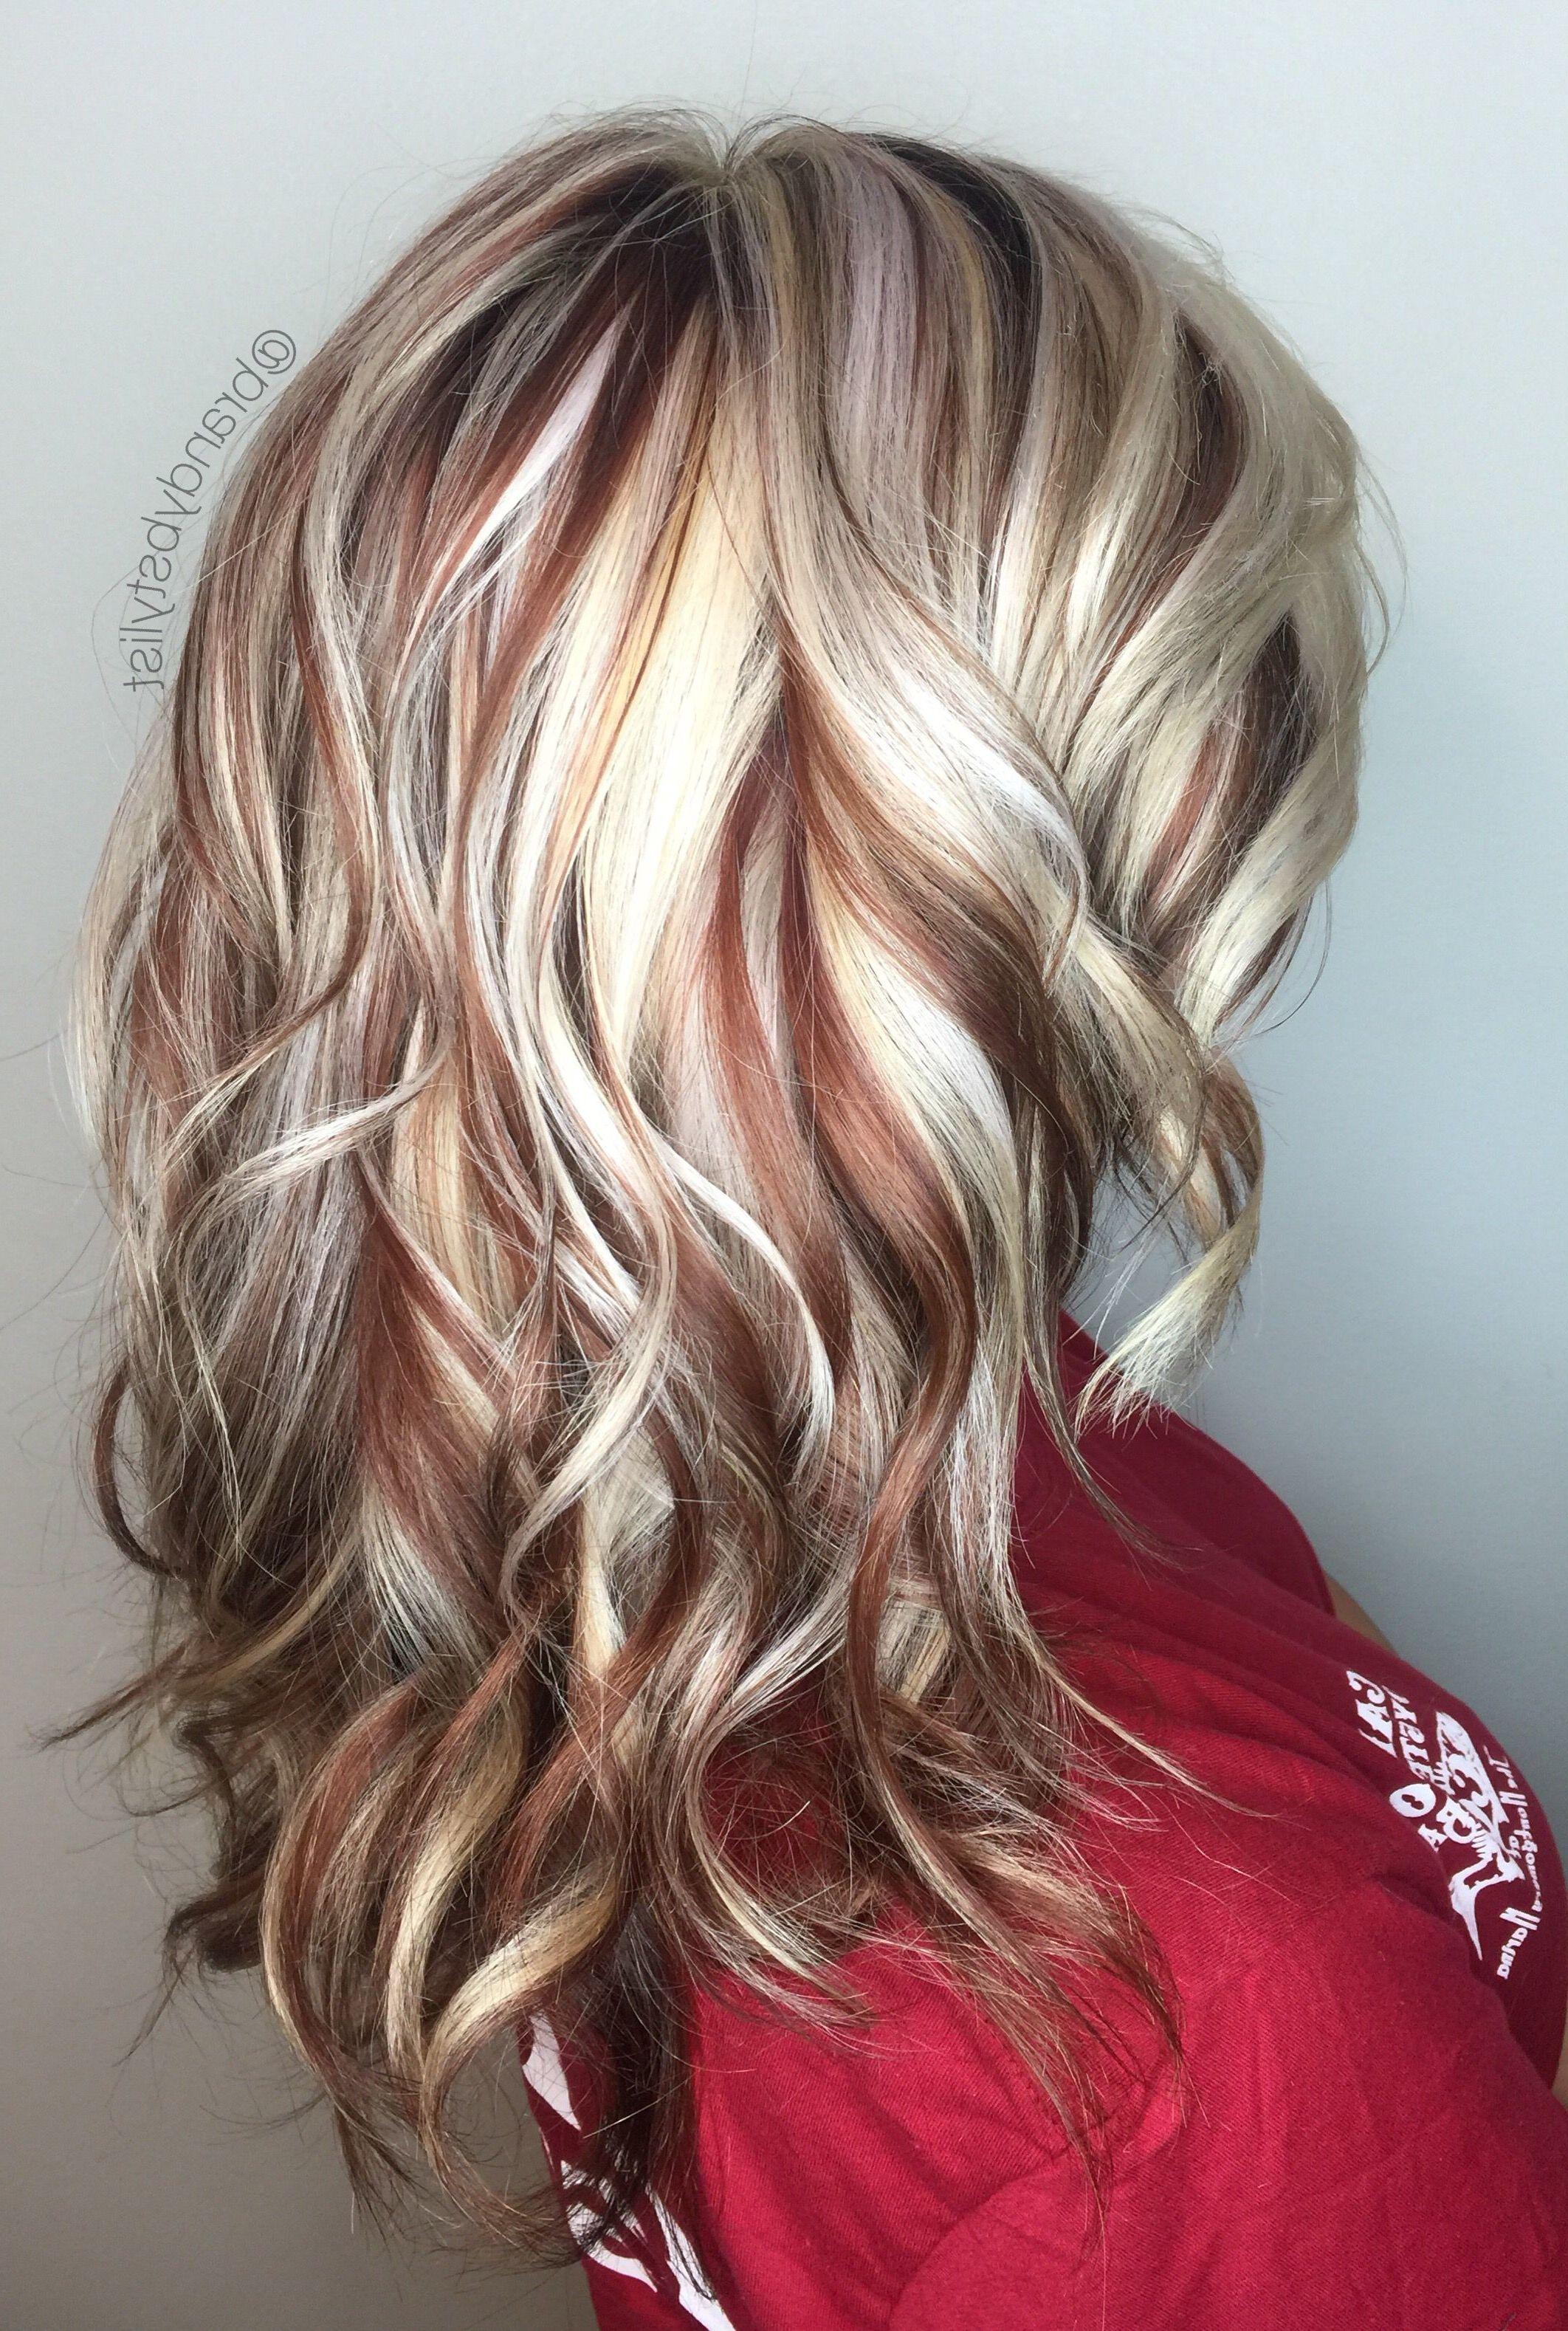 35 Schattierungen Von Blond Haarfarbe Ideen In 2020 Blonde Brown